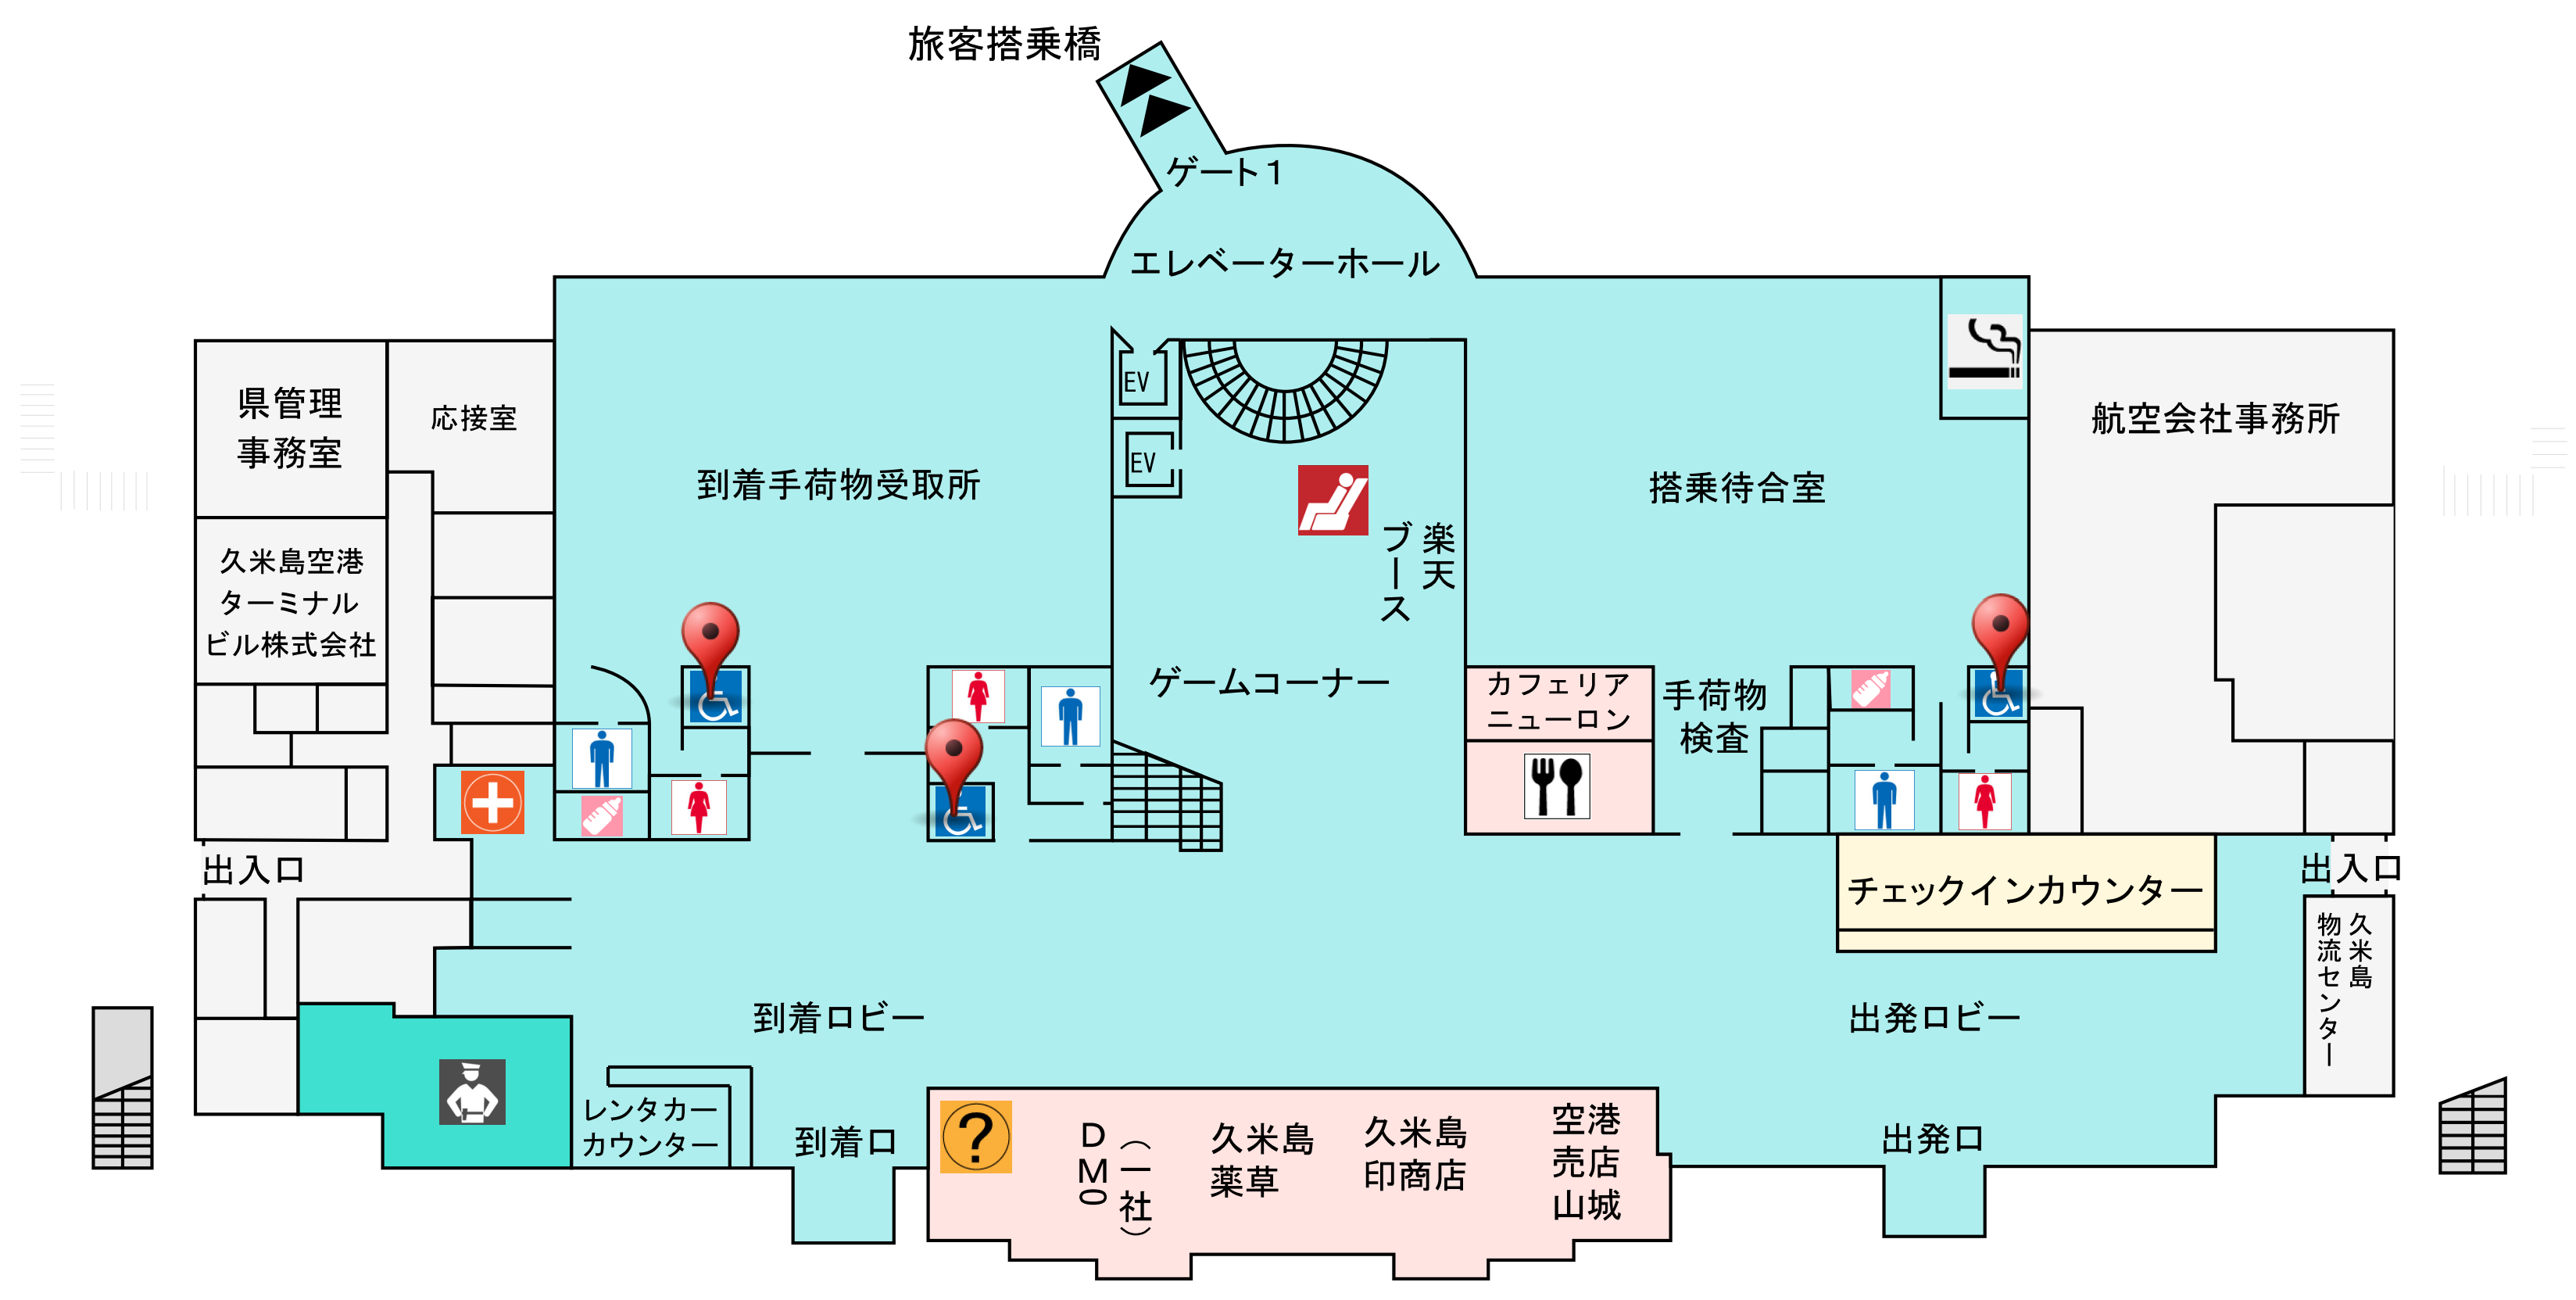 map6.1bariafuri01